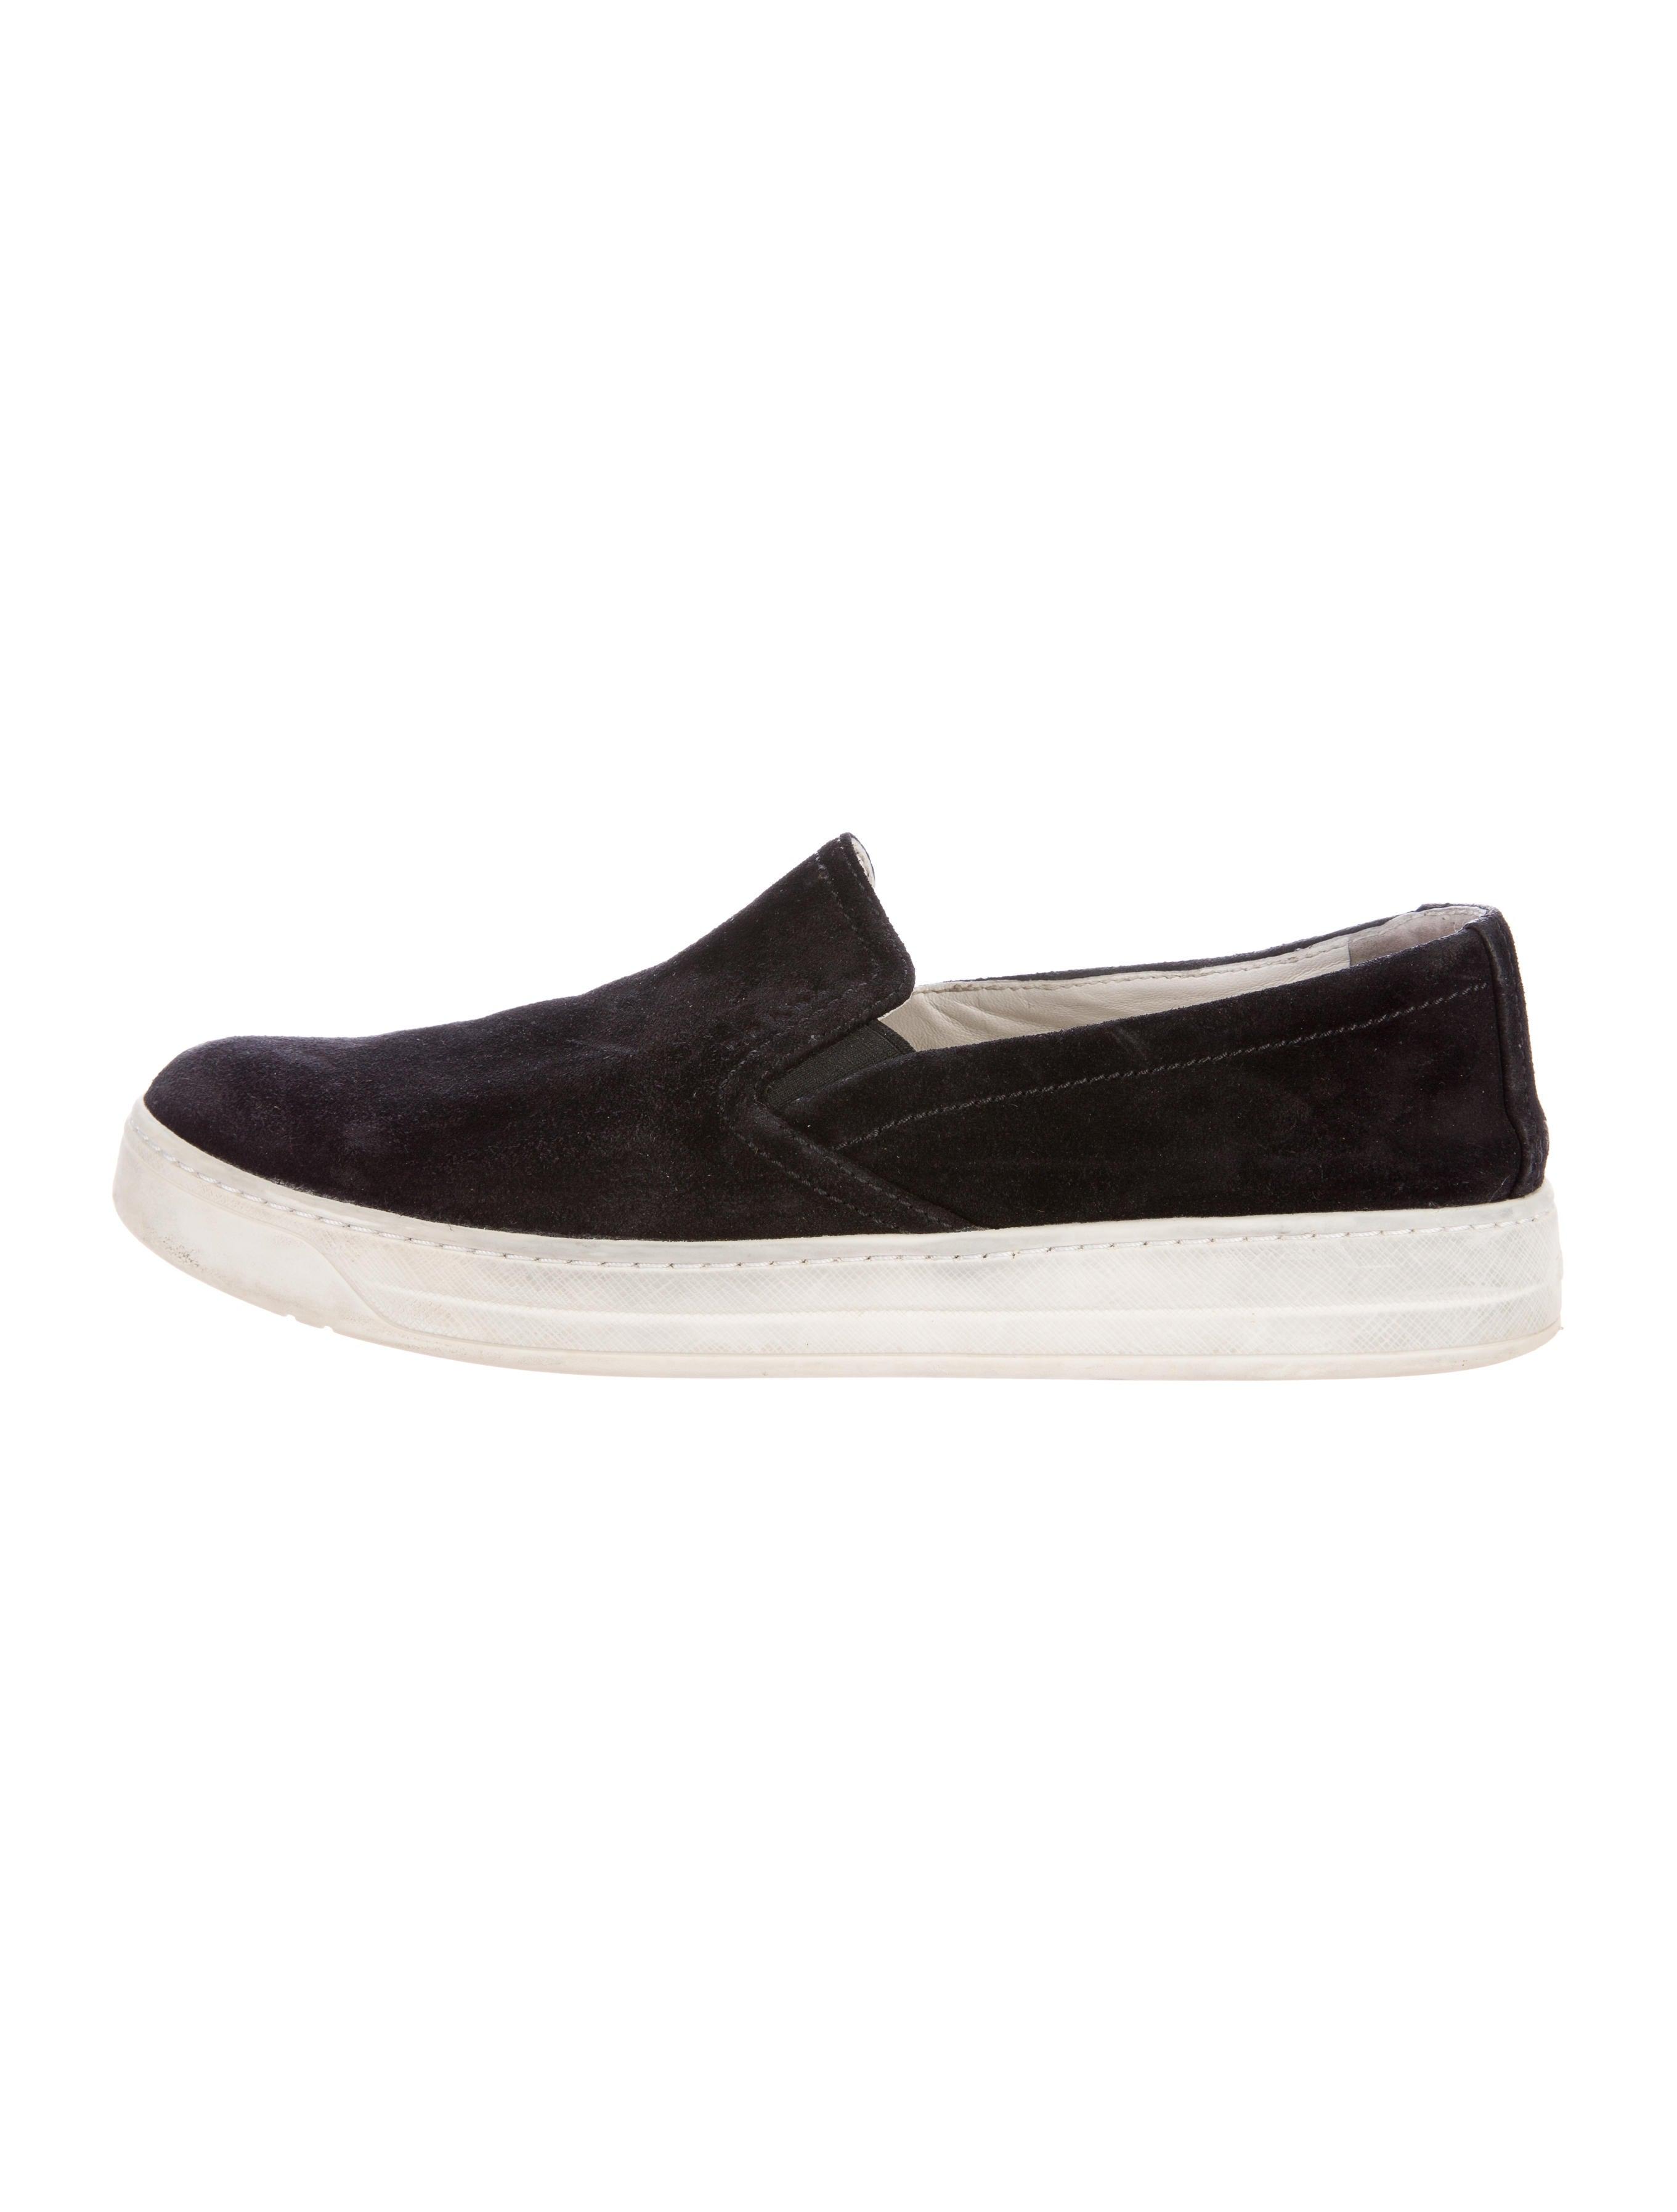 prada sport suede slip on sneakers shoes wpr39908